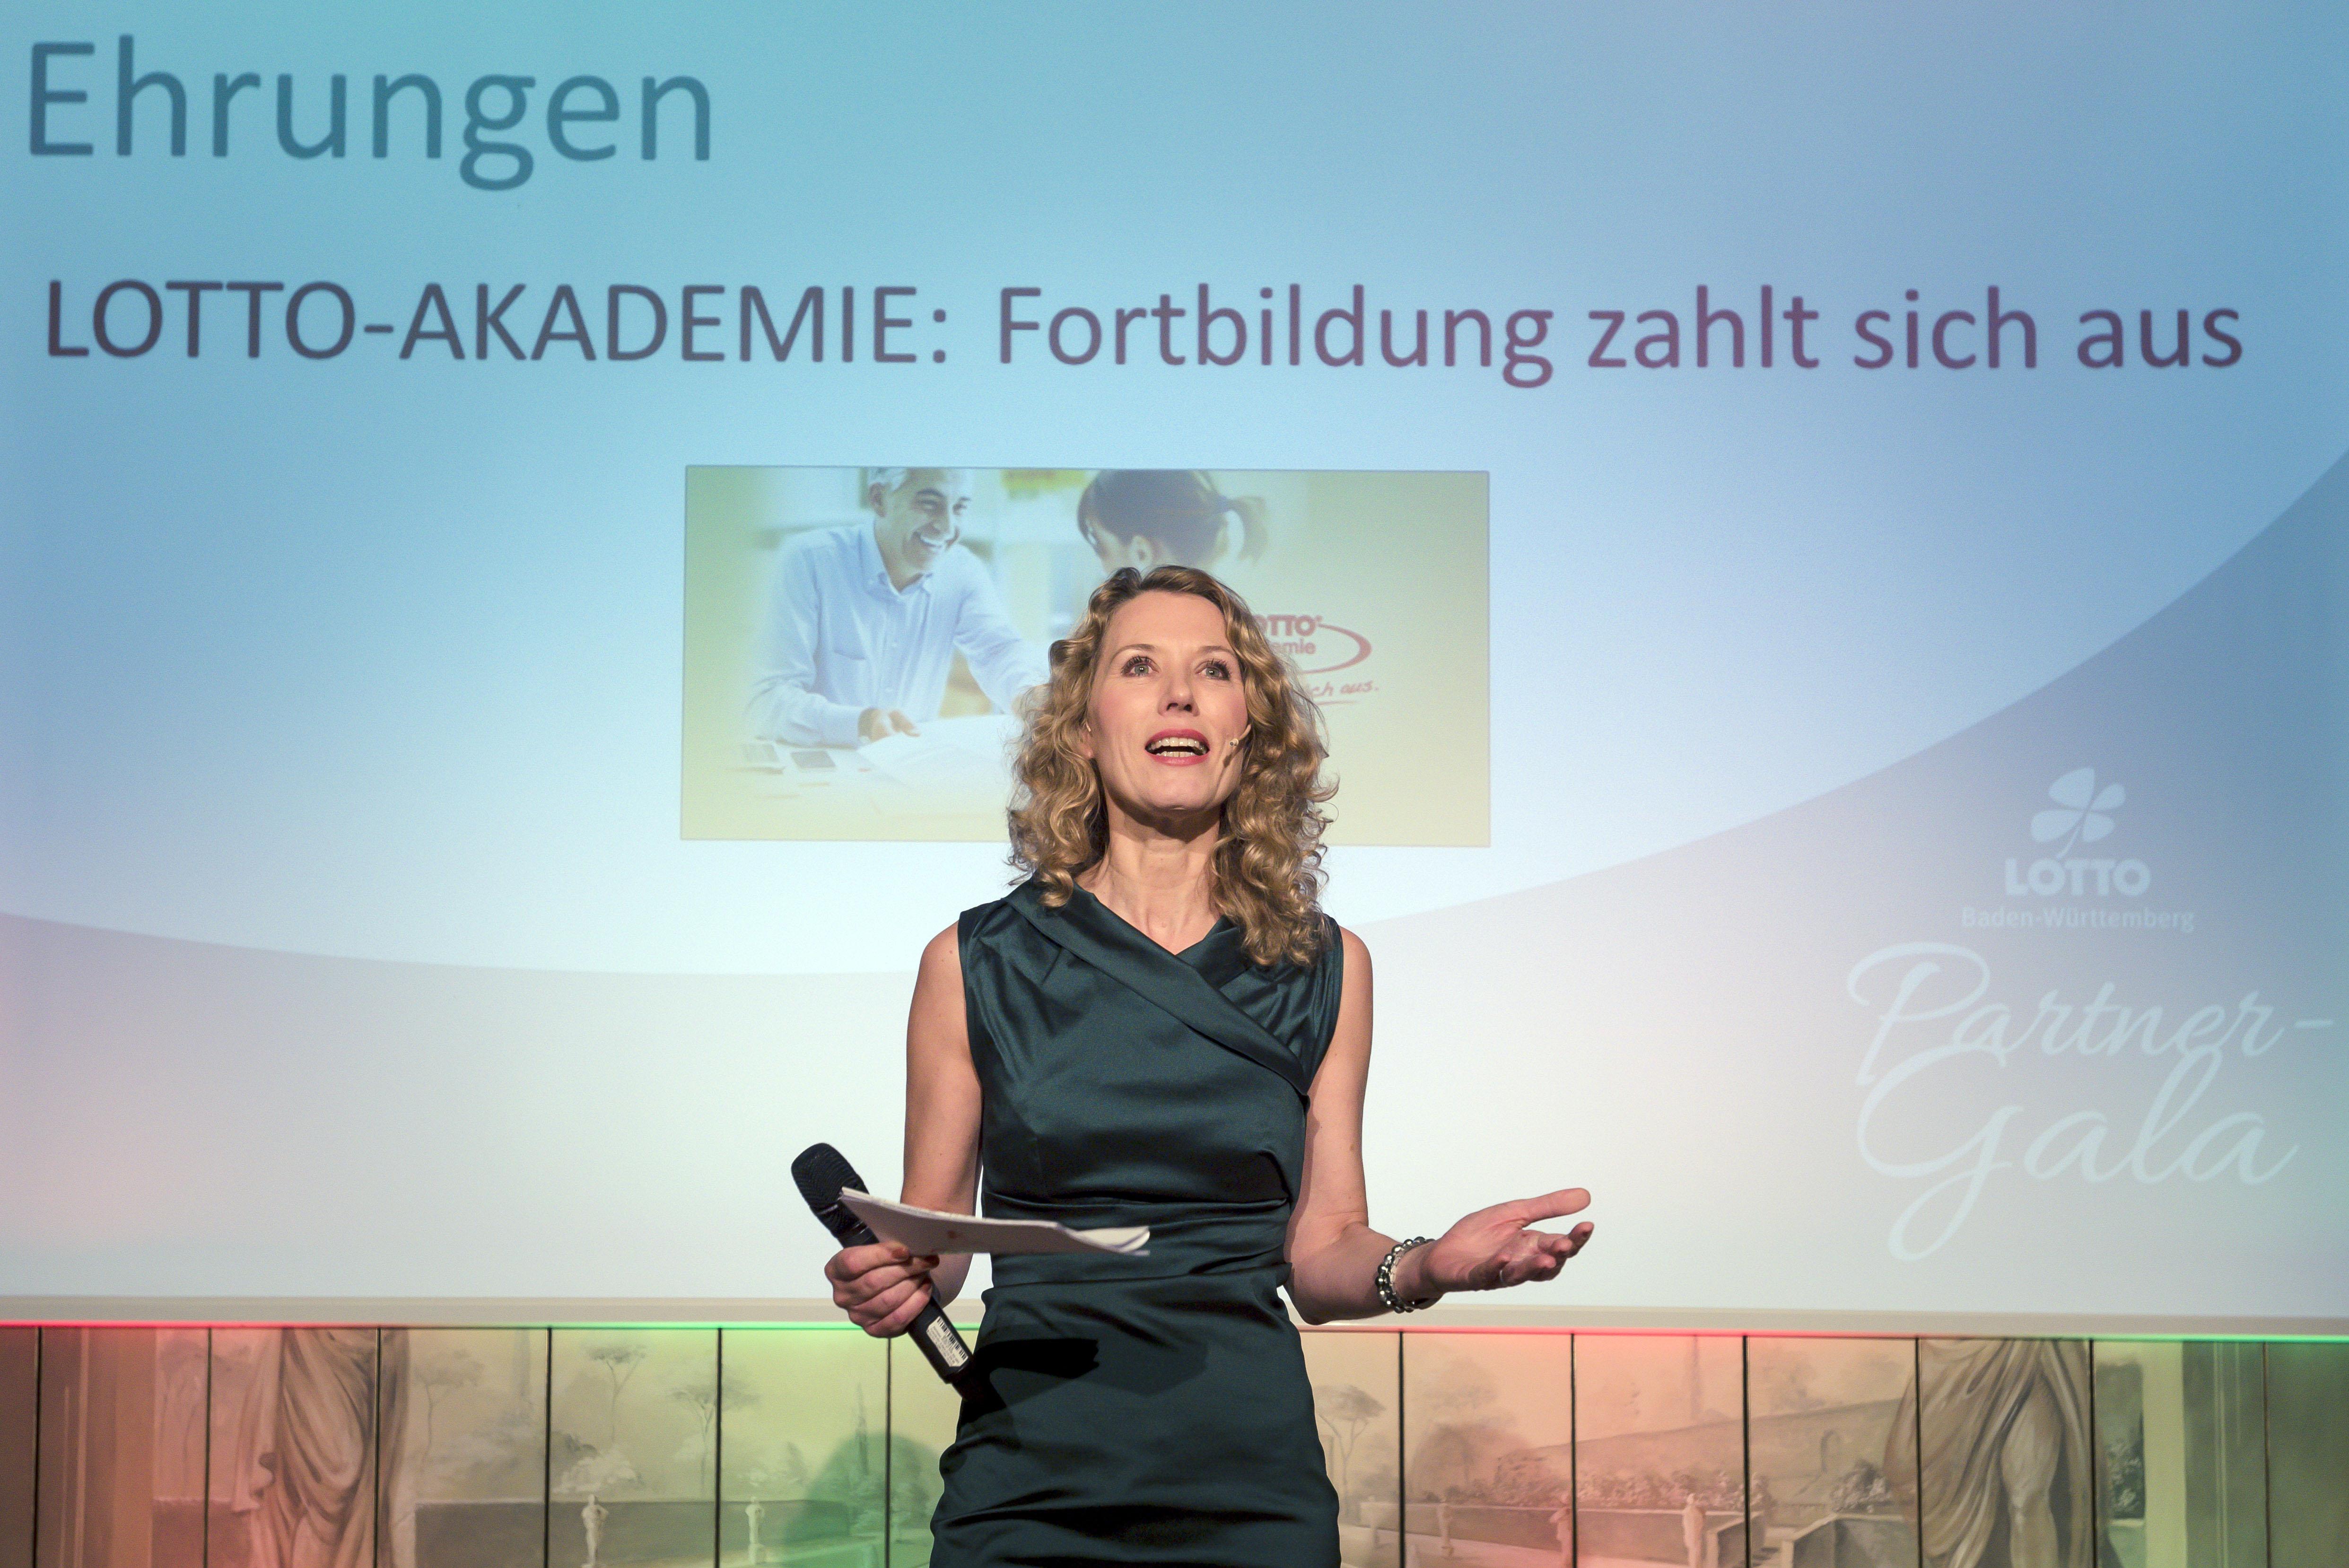 Franziska Reichanbacher auf der Bühne